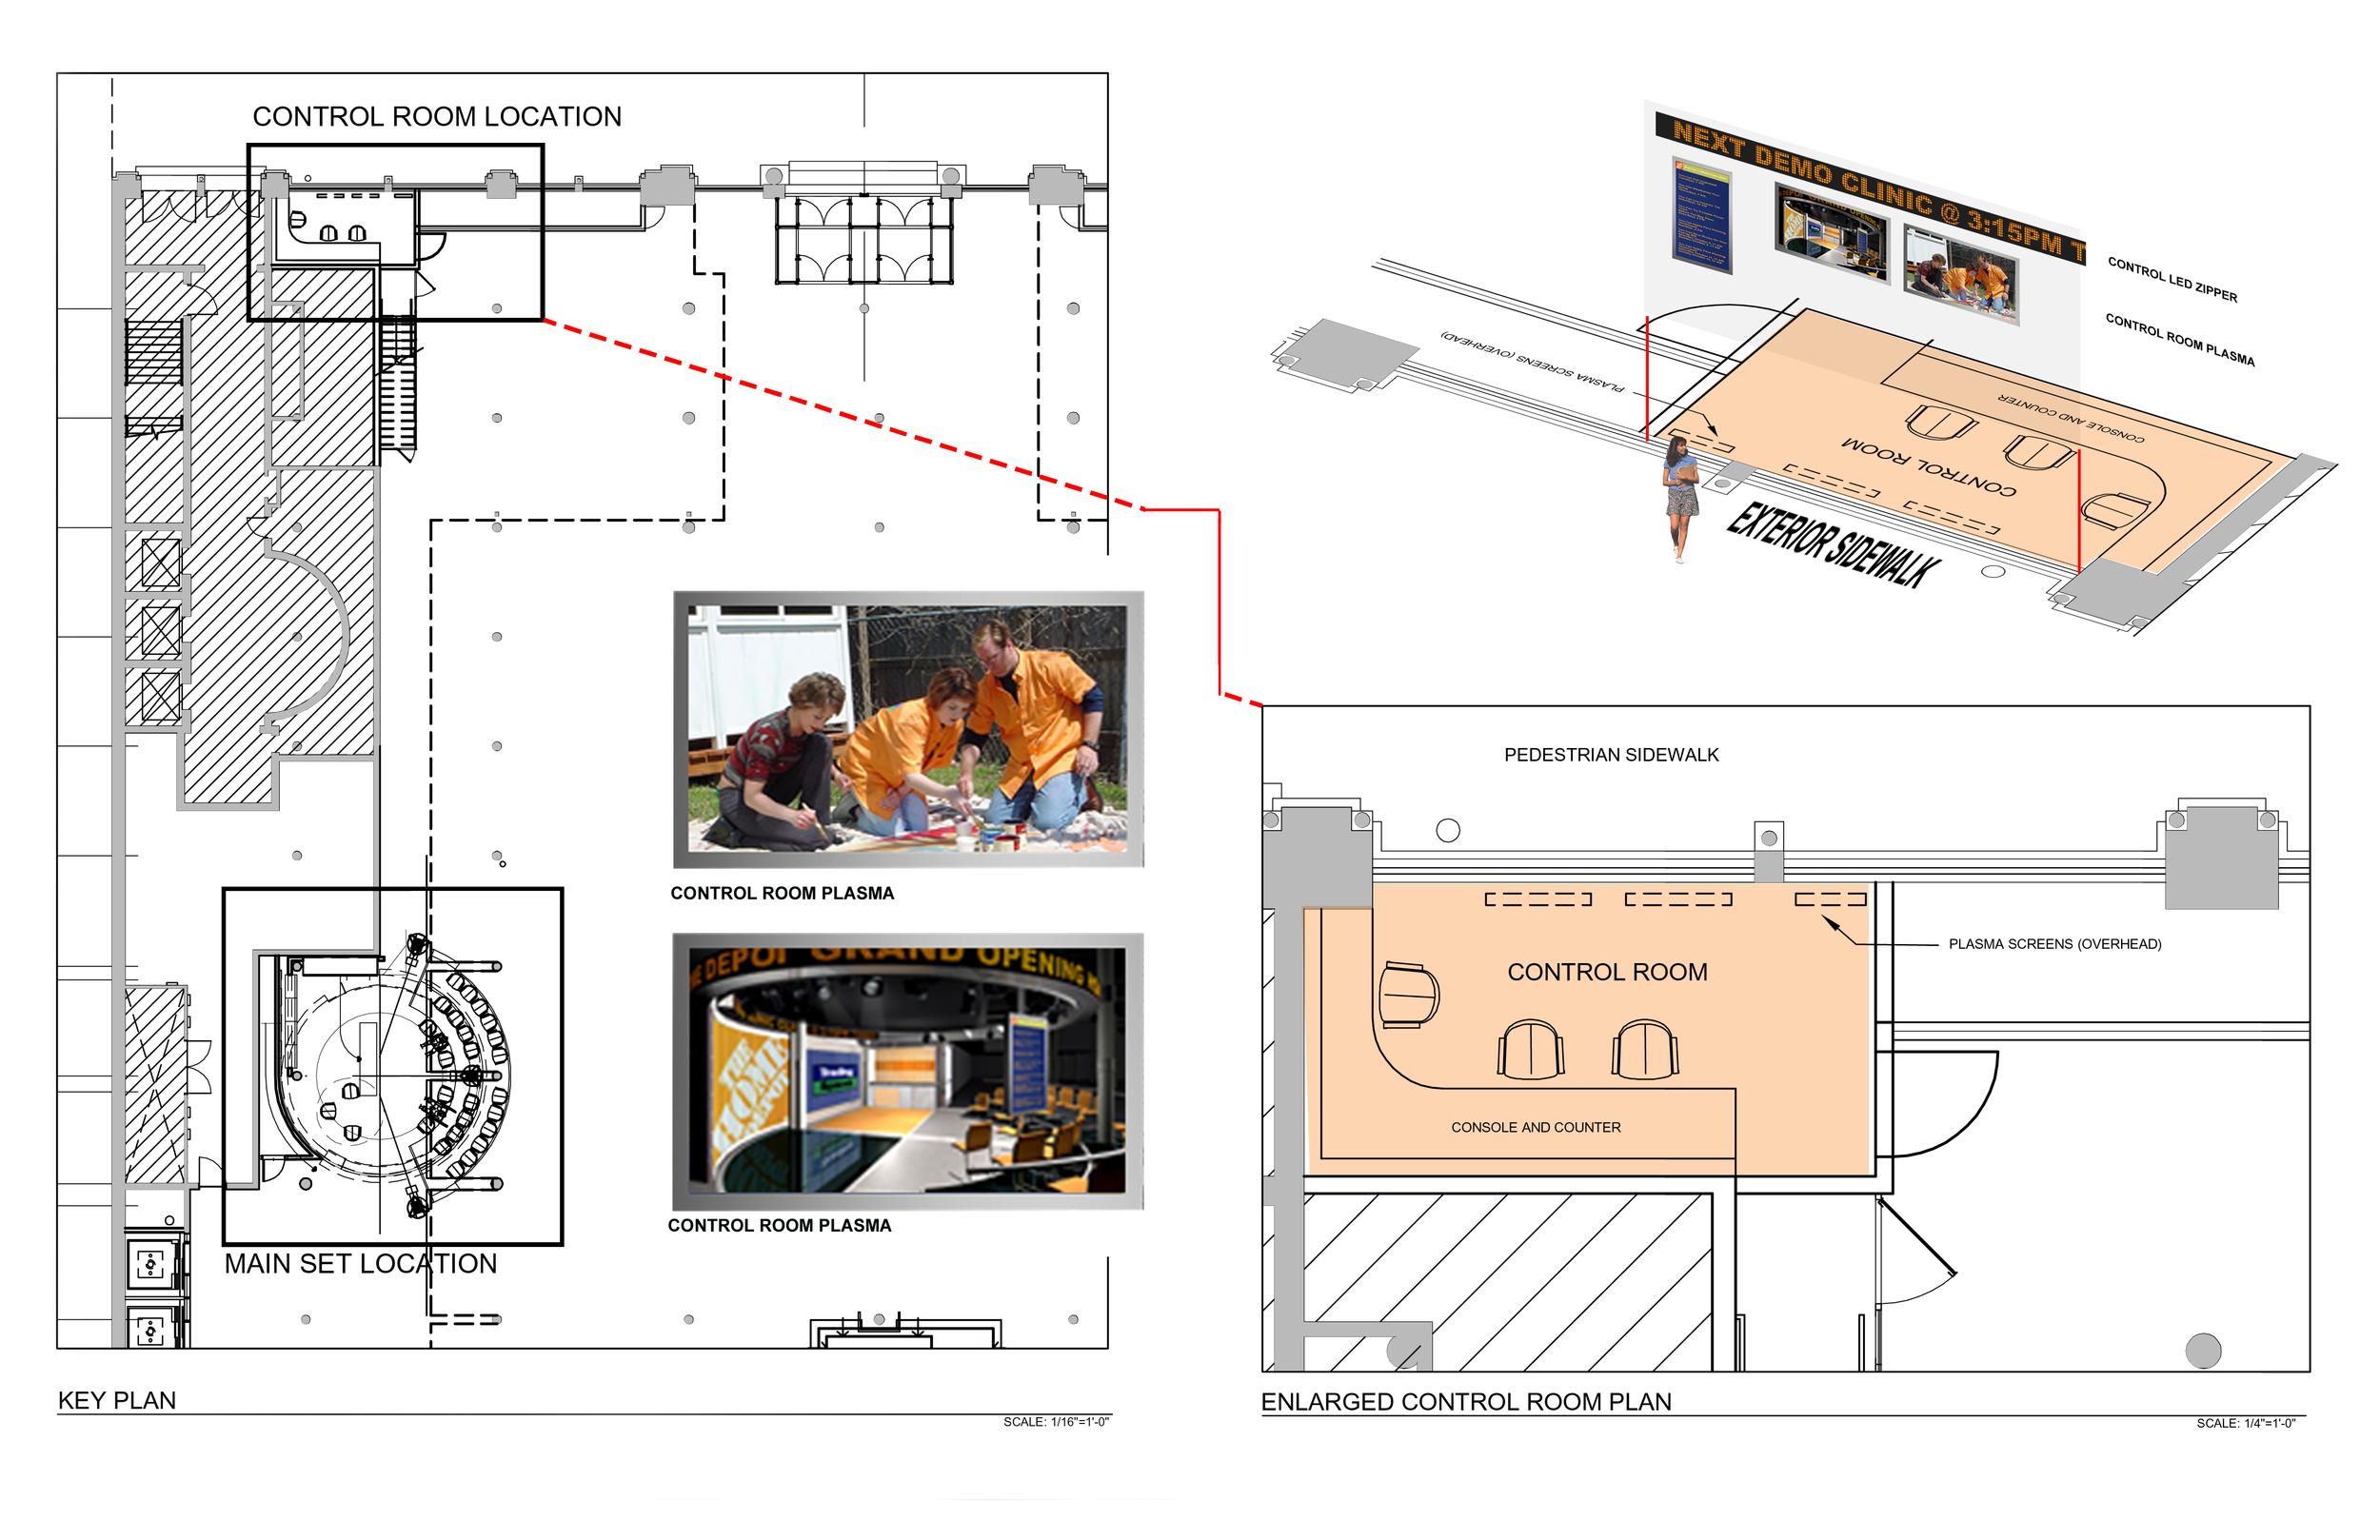 HD Store Studio-ENLARGED PLAN.jpg